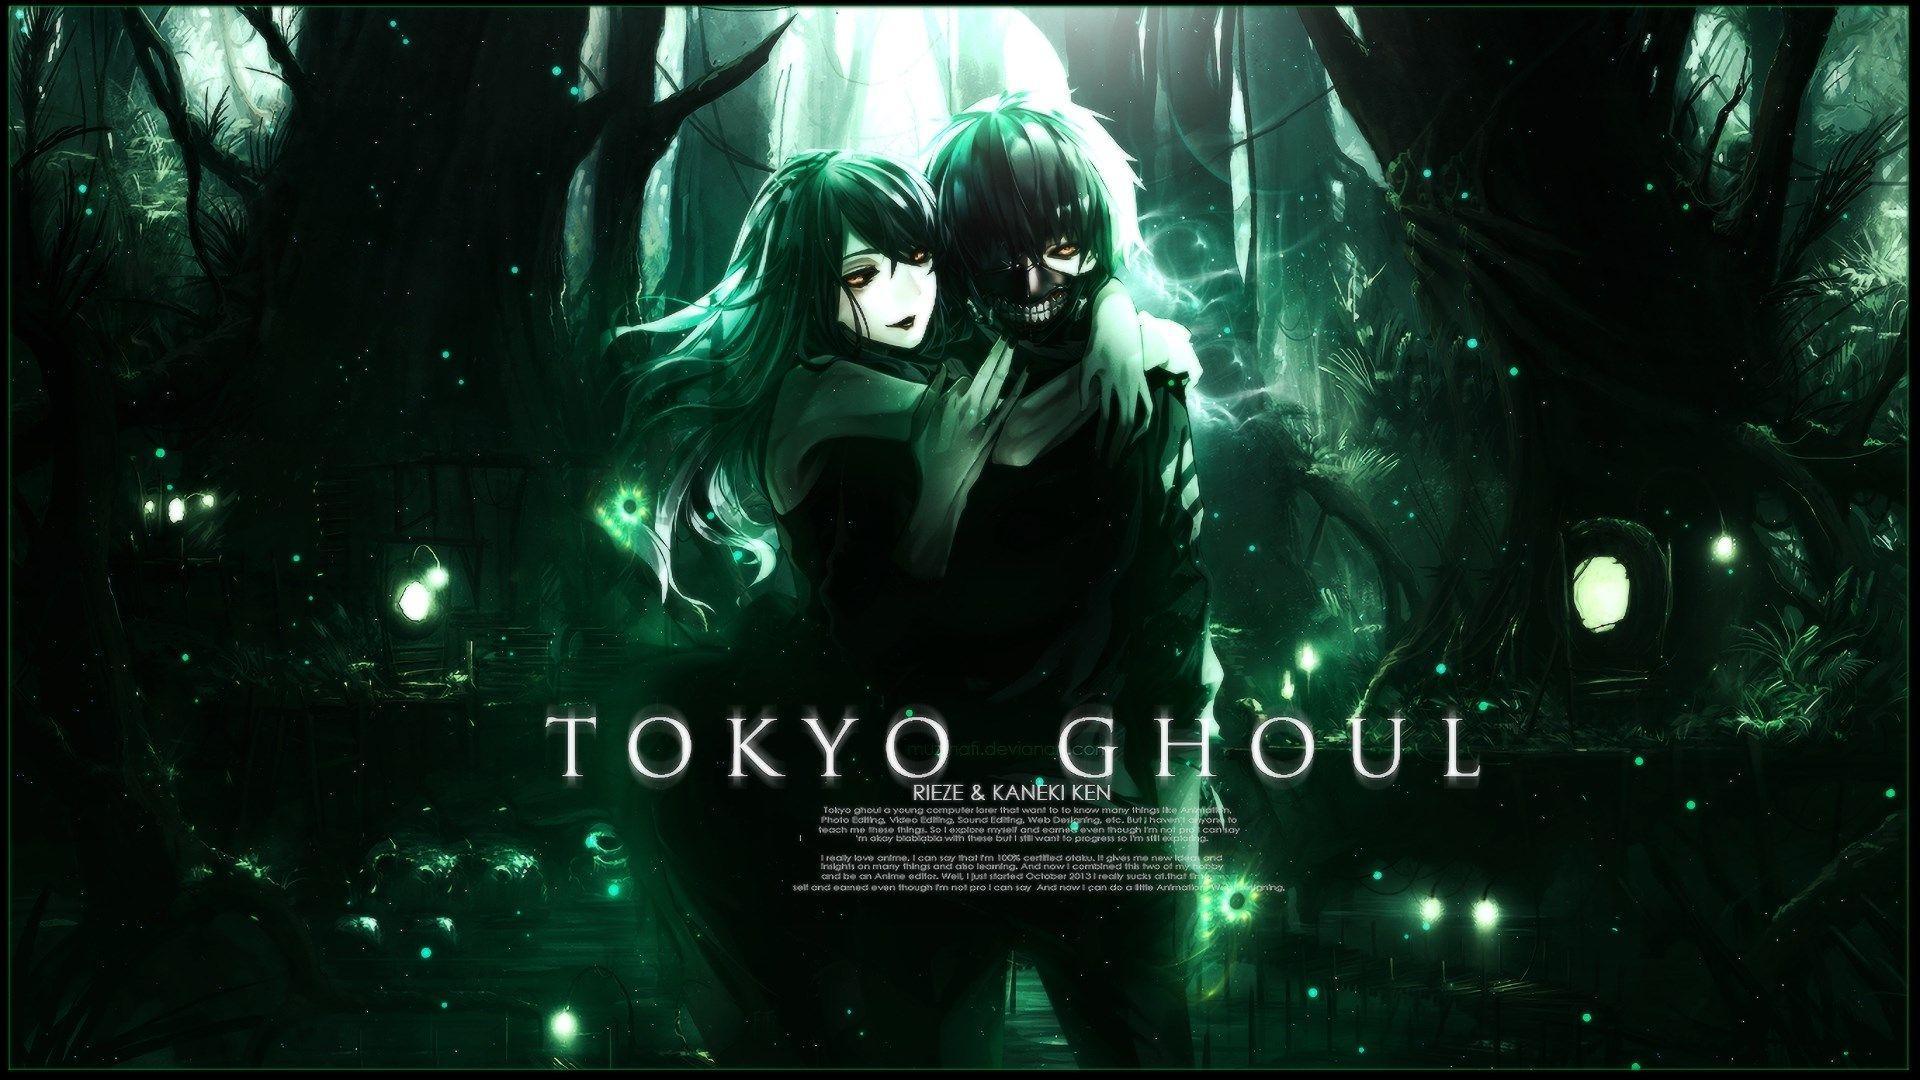 Tokyo Ghoul 4k Wallpapers Wallpaper Cave